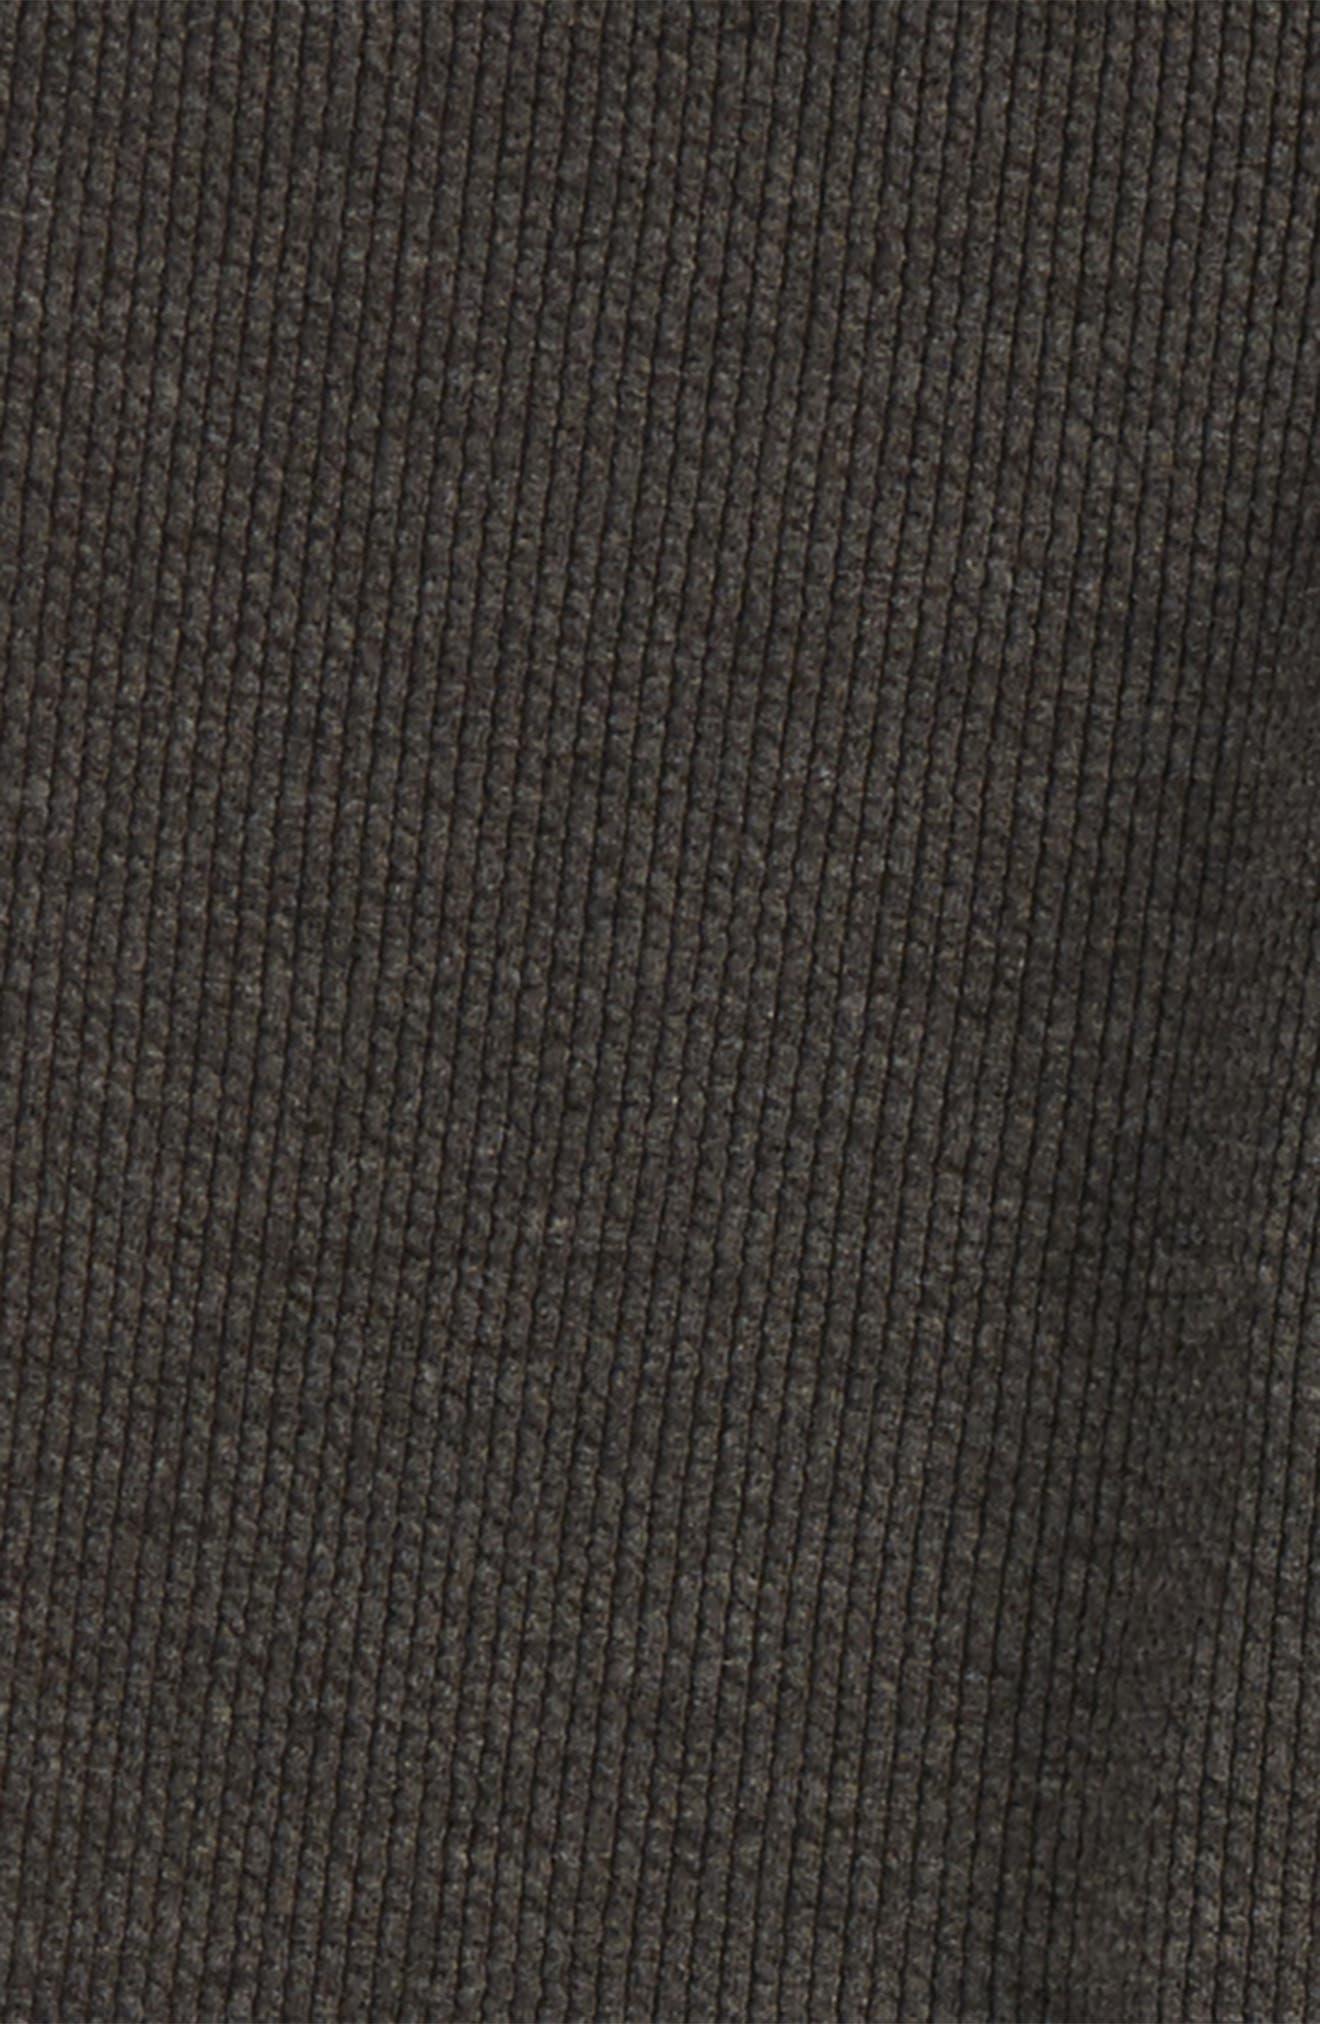 Rib Knit Leggings,                             Alternate thumbnail 2, color,                             020